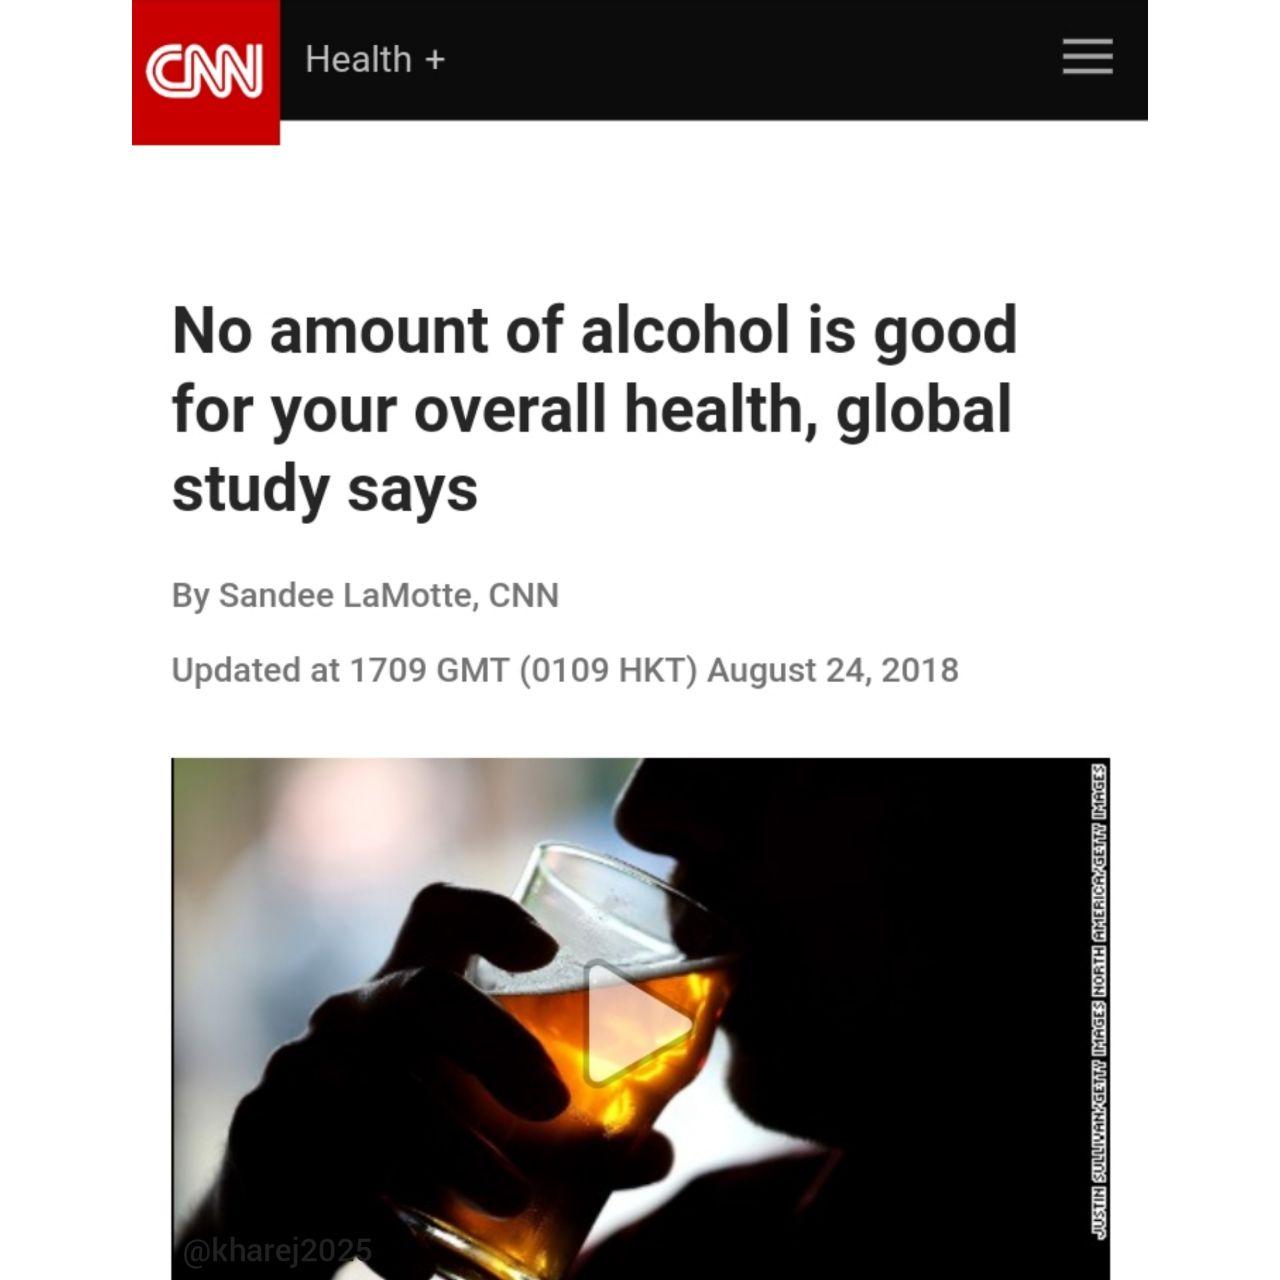 الکل حتی اگر کم هم باشد برای شما ضرر دارد